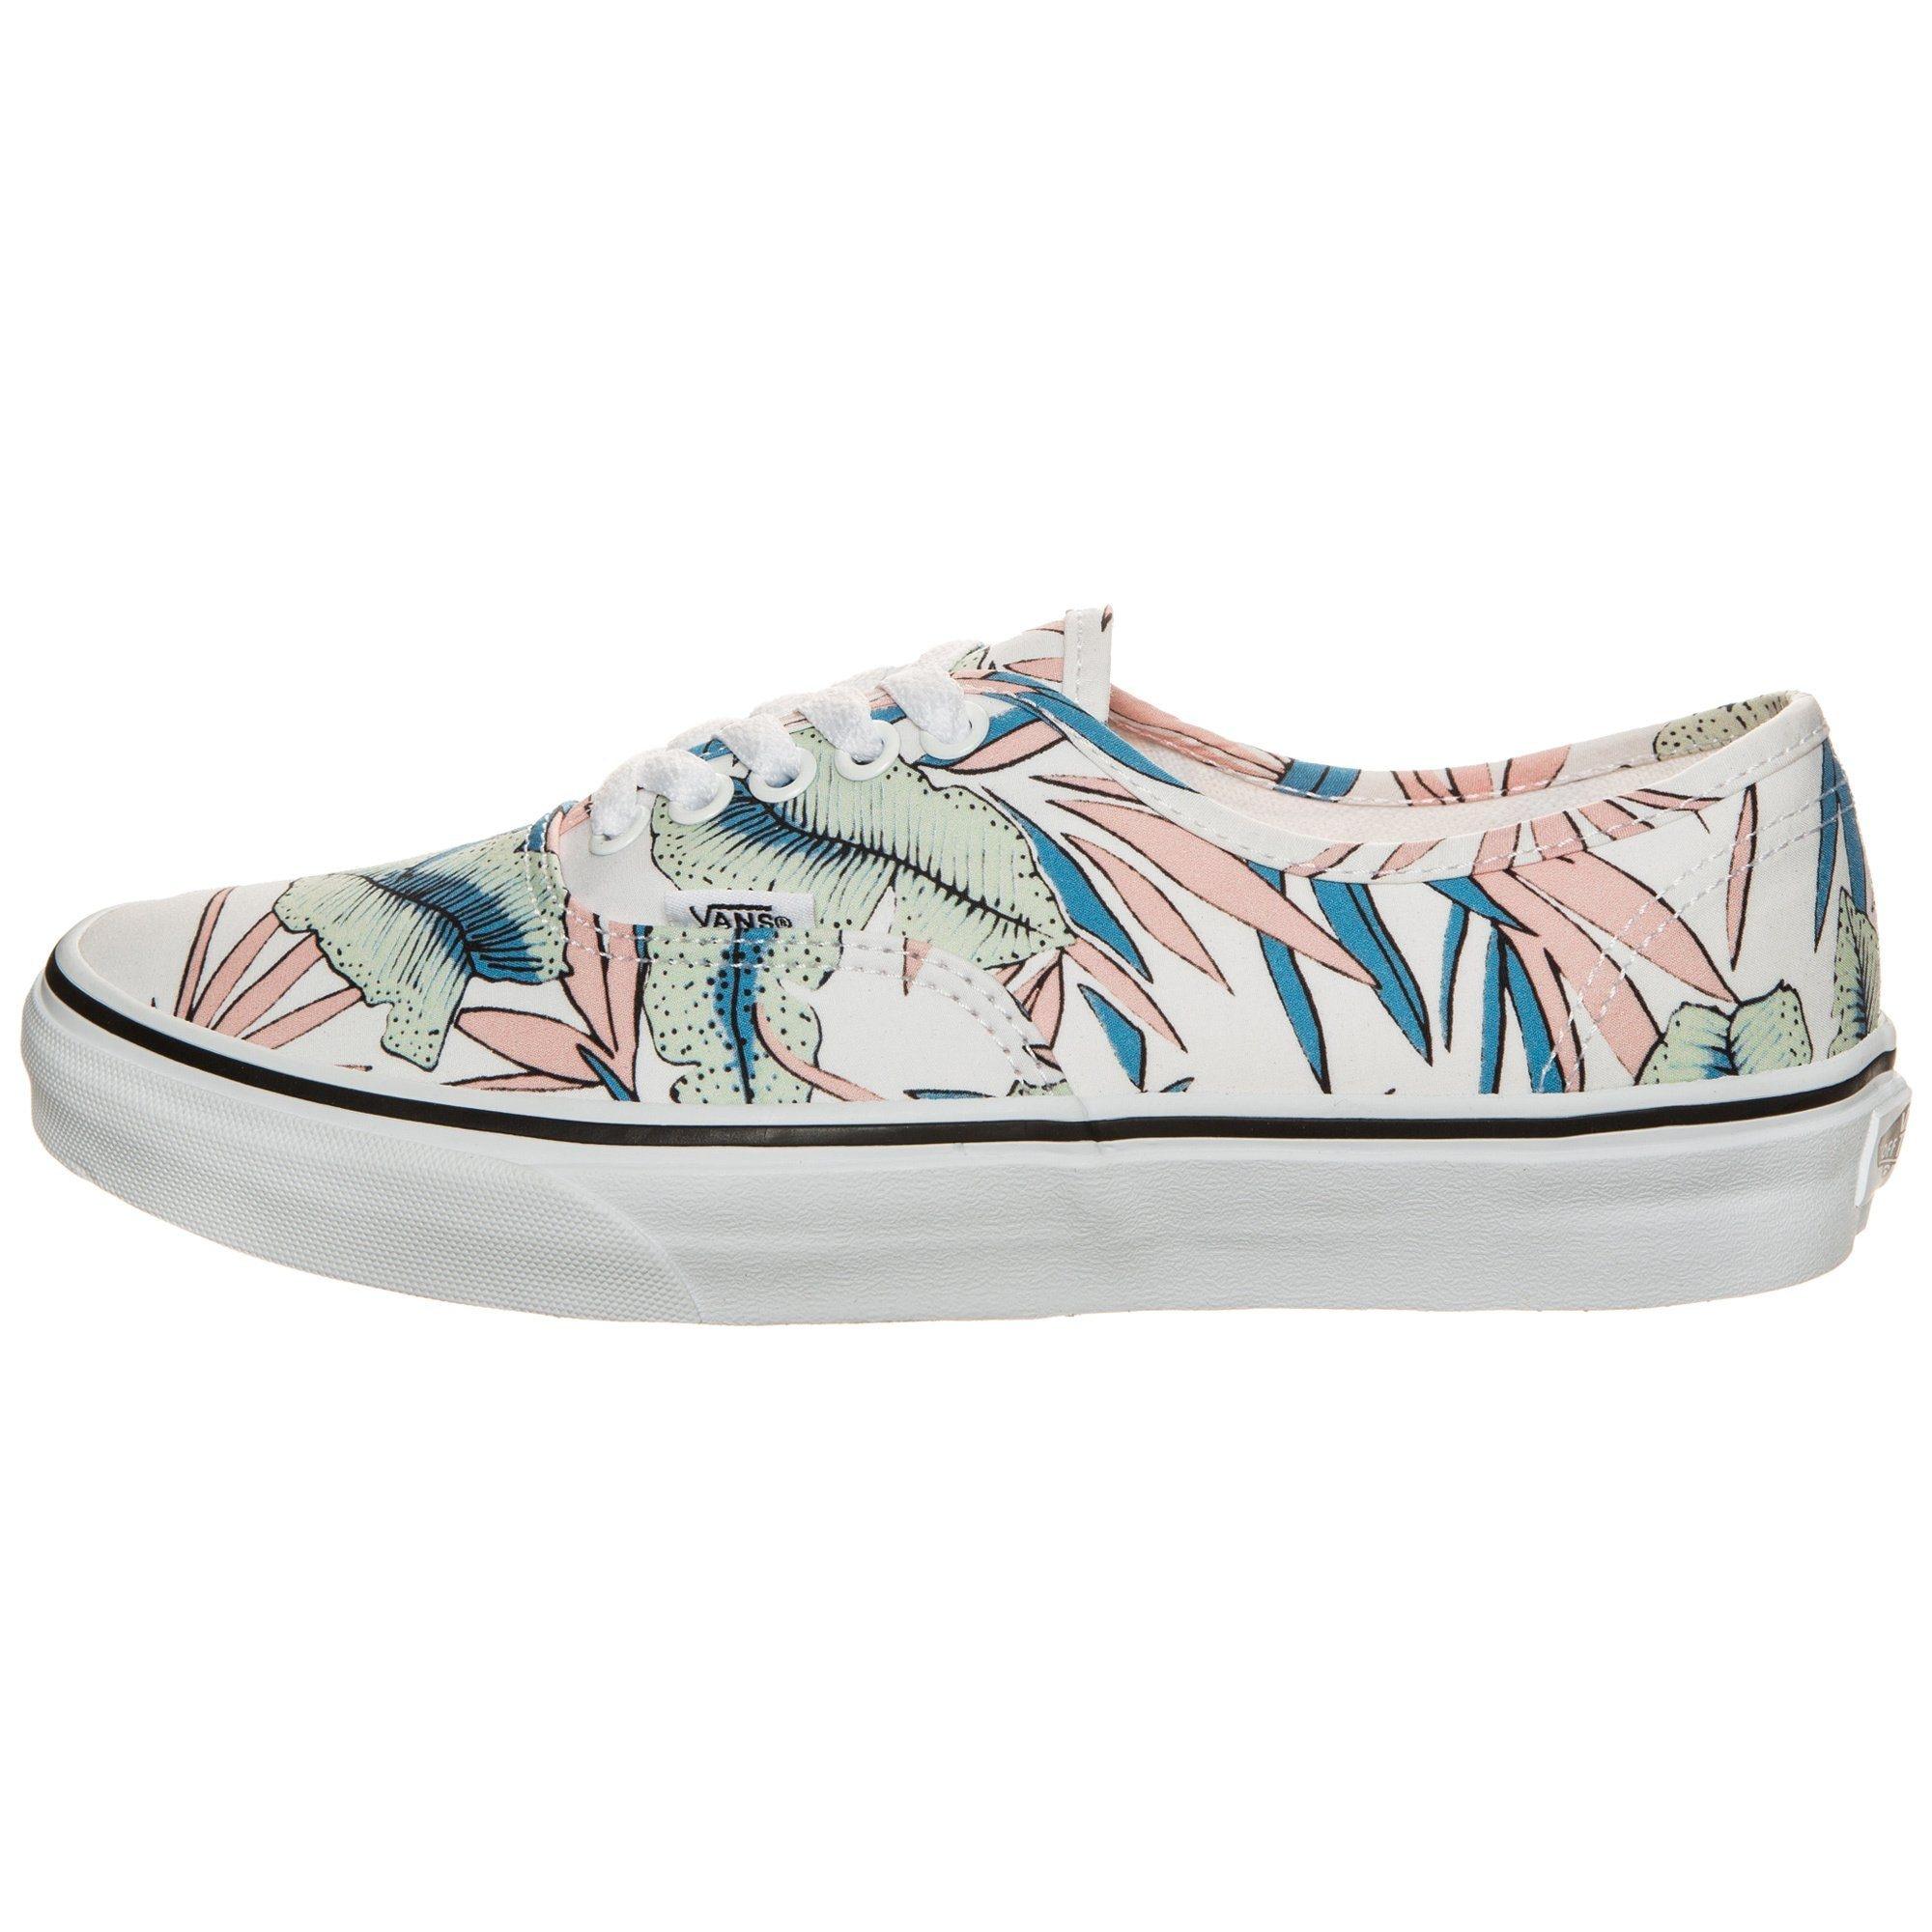 Vans Damen Authentic Tropical Leaves Sneaker Damen Vans gnstig kaufen | Gutes Preis-Leistungs-Verhältnis, es lohnt sich c63c4e